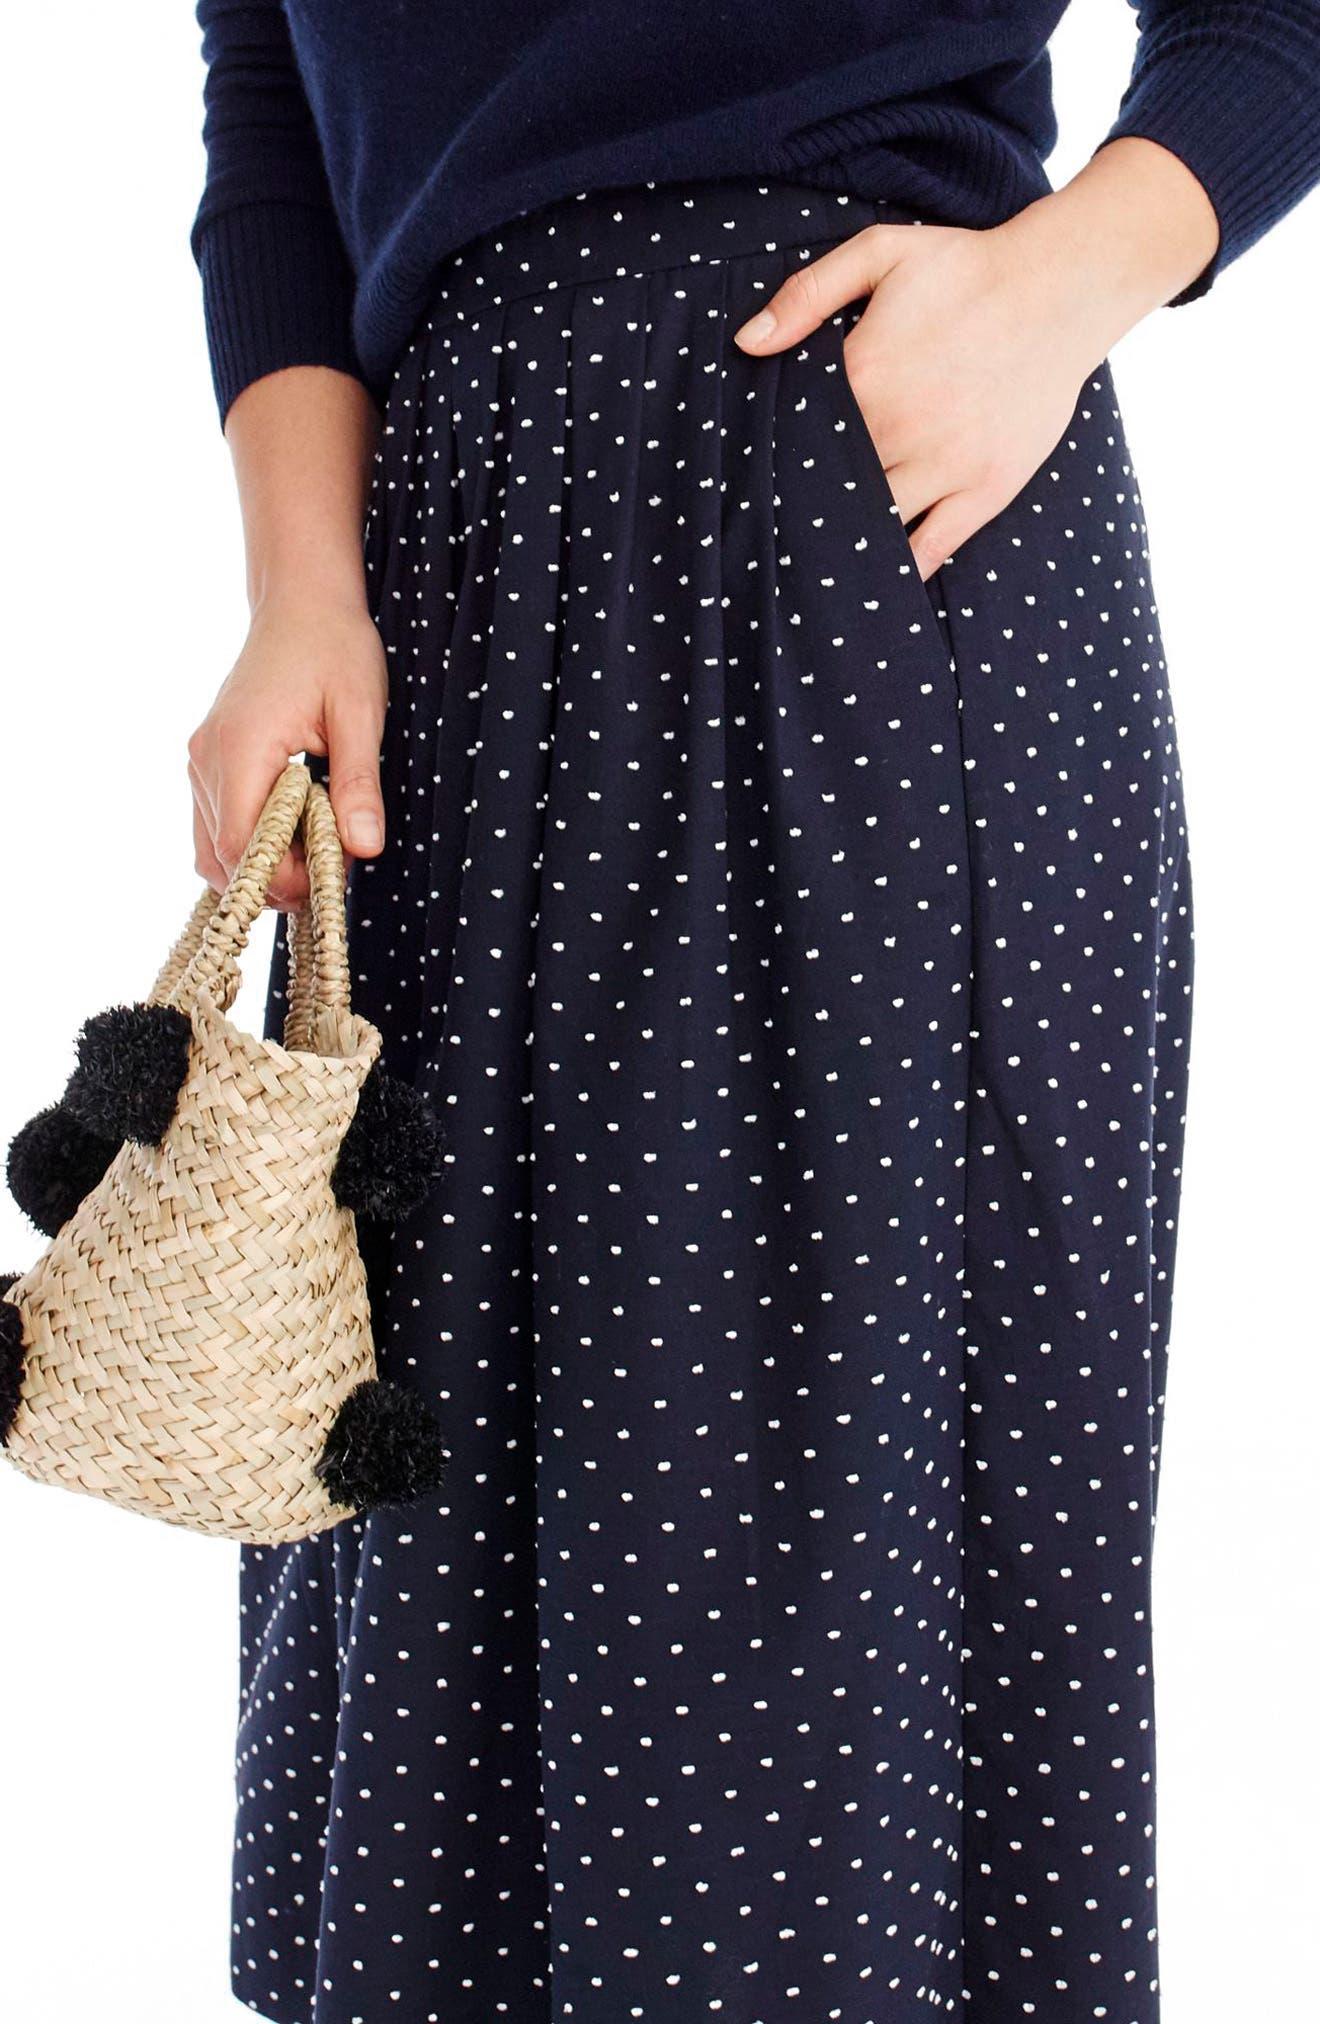 Vintage Clip Dot Midi Skirt,                             Alternate thumbnail 3, color,                             Navy White